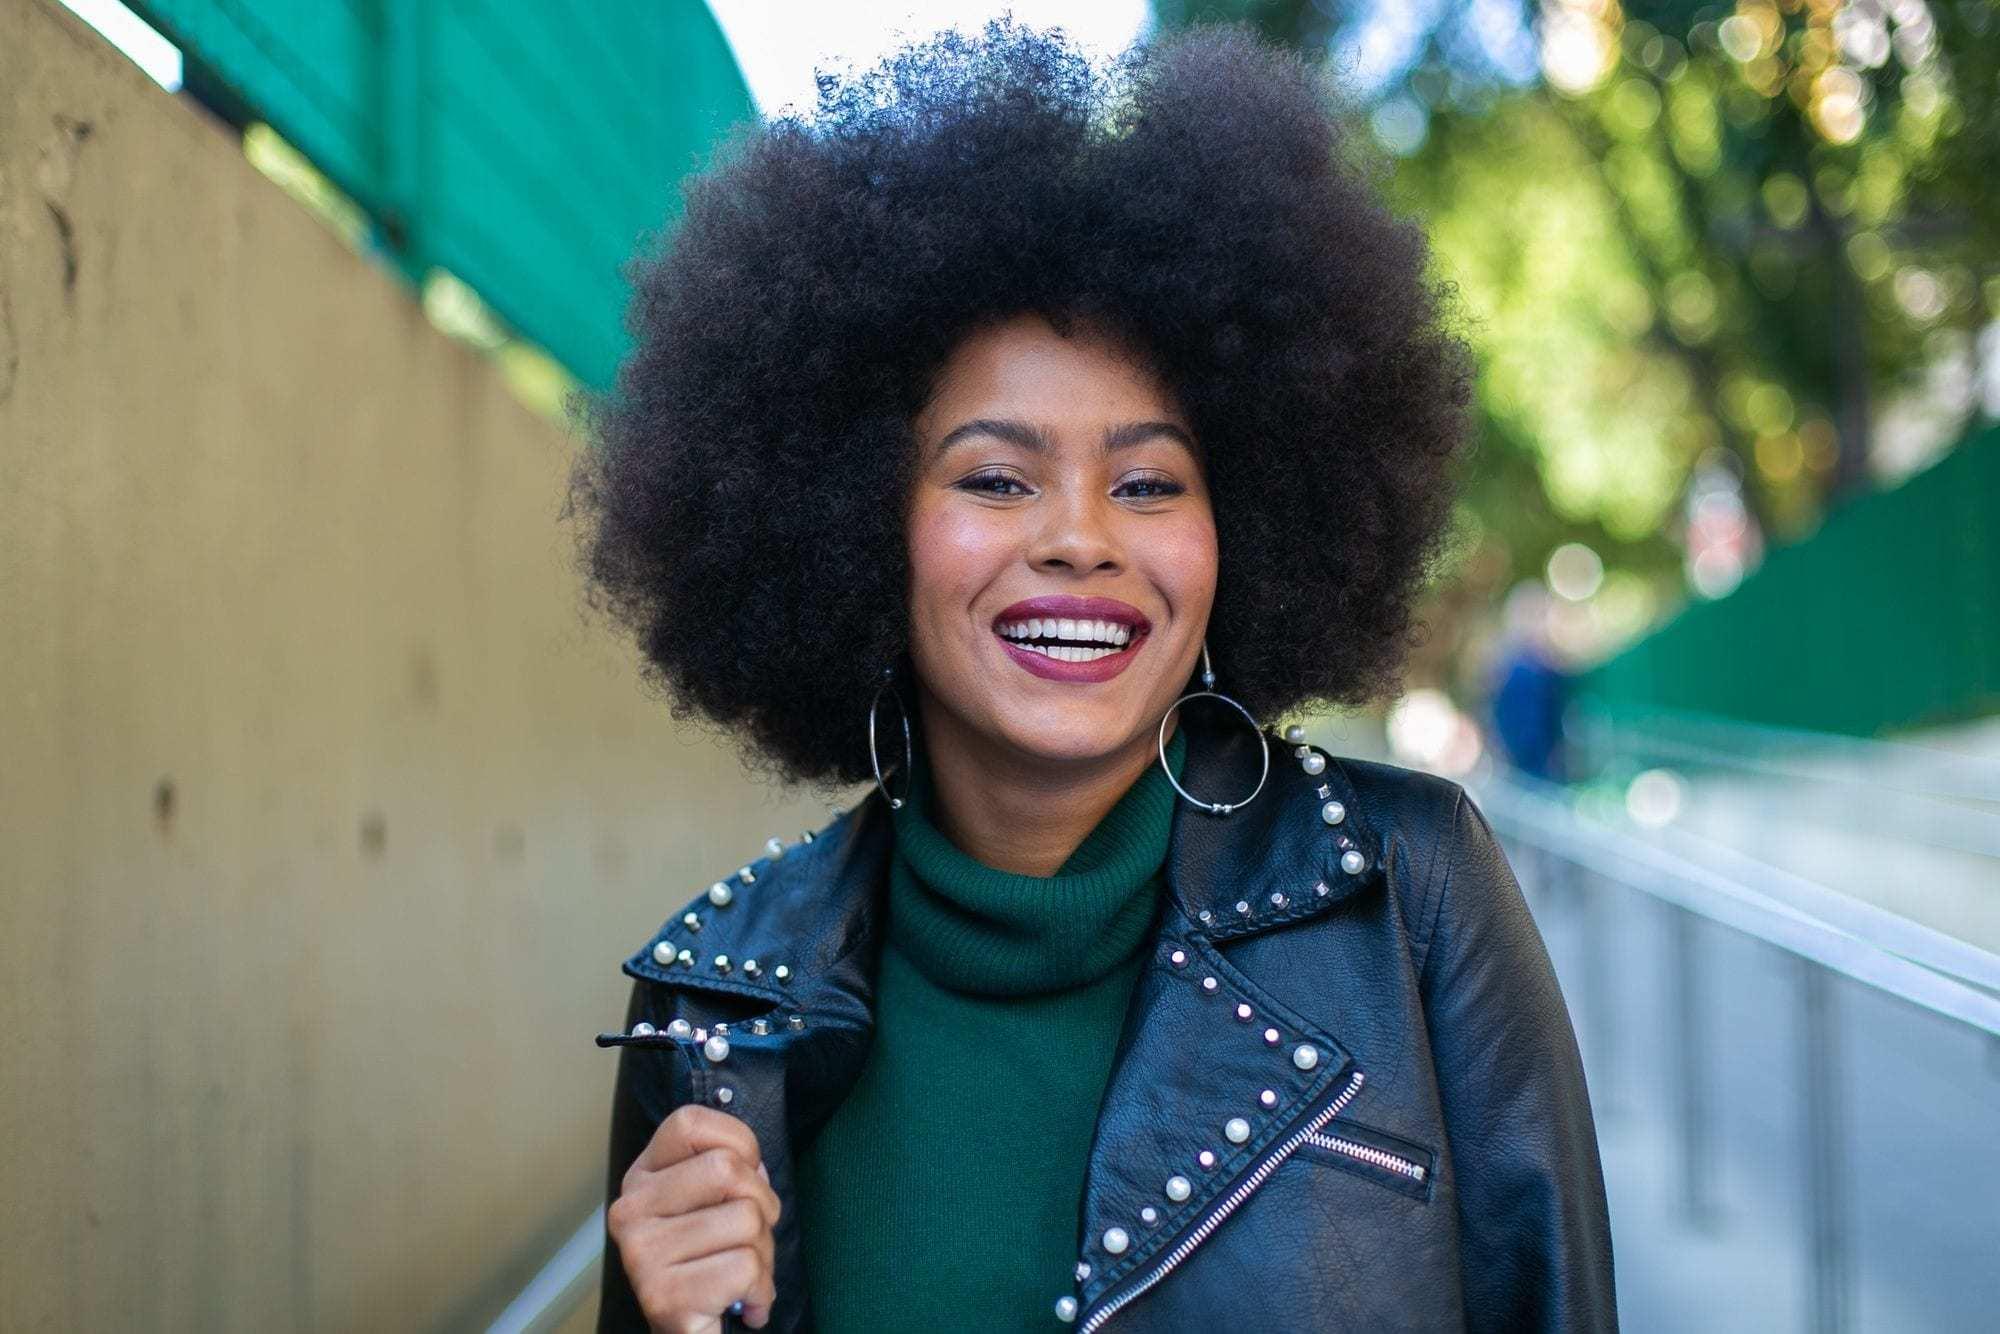 Modelo com black power para matéria do dia internacional da mulher